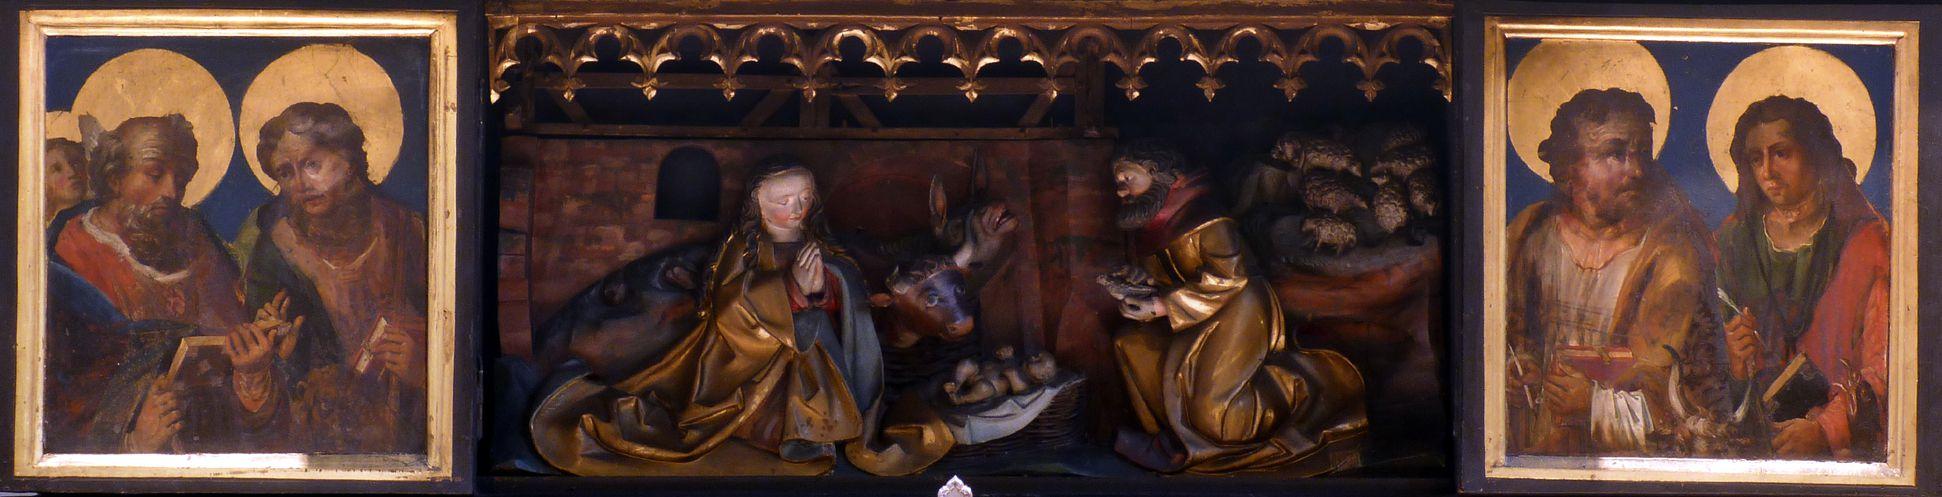 St. Bartholomäus, Hochaltar Predellaschrein mit geöffneten Flügeln